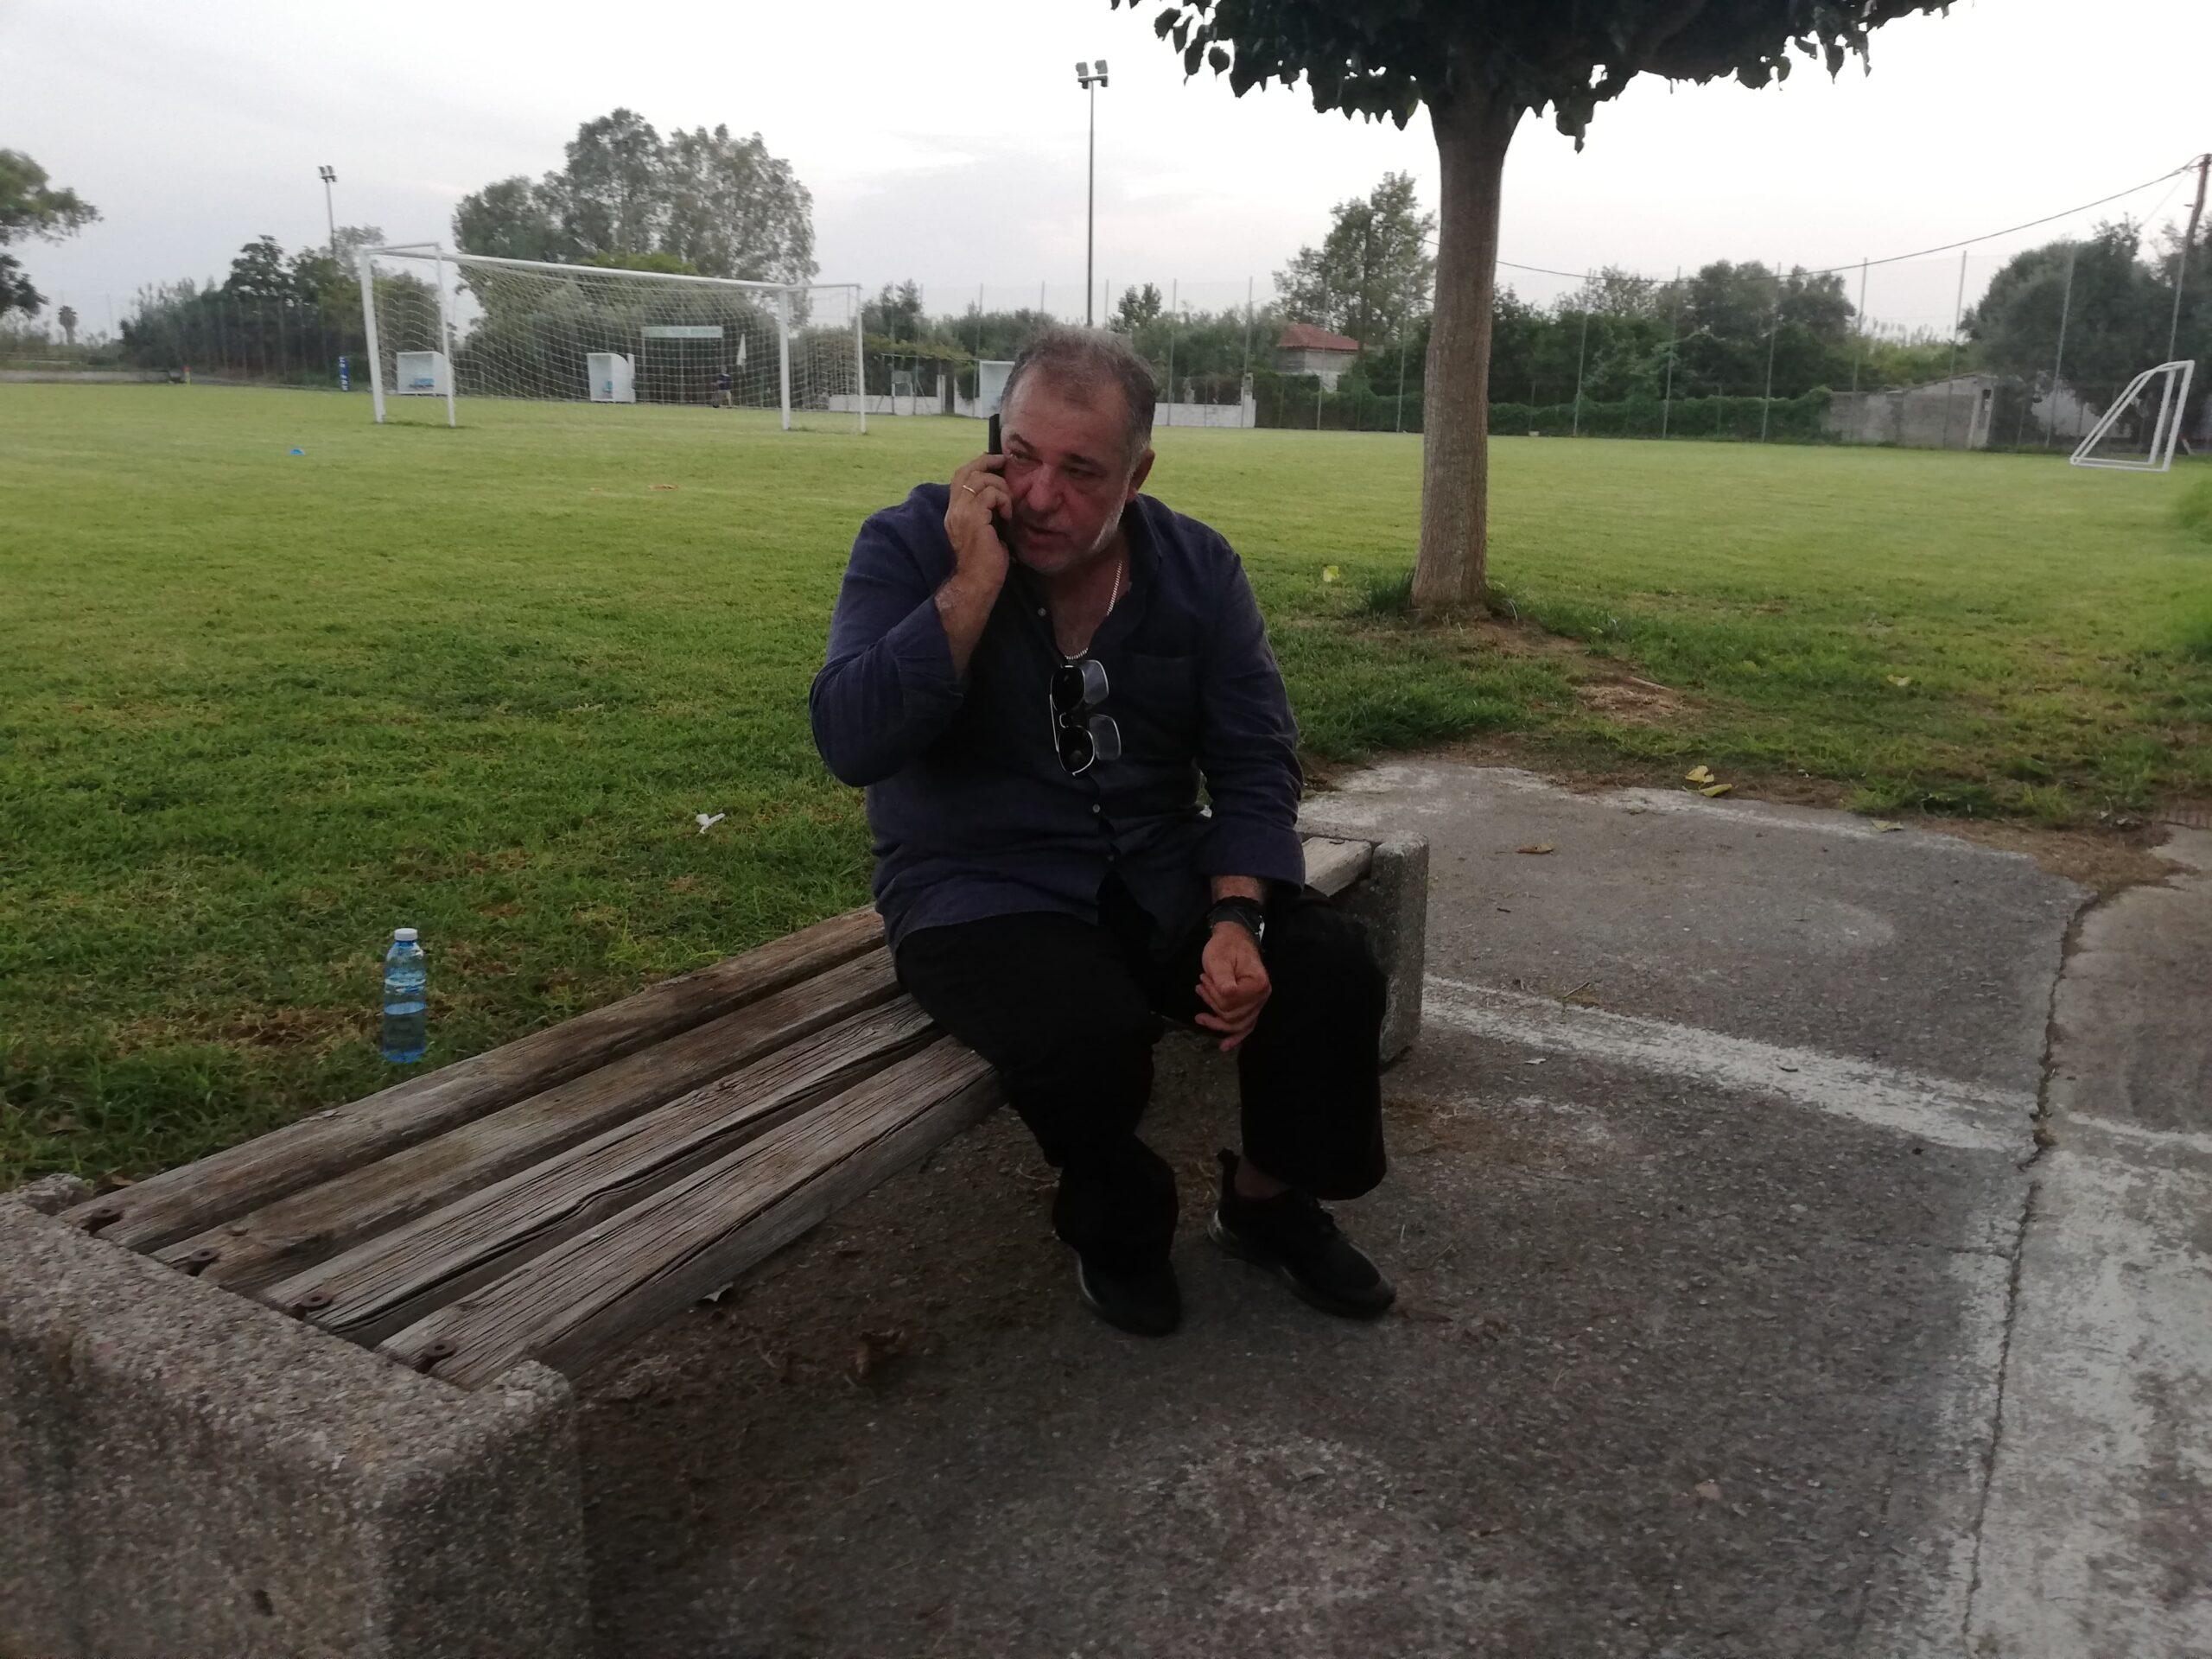 """Γιώργος Ράλλης: """"Περιμένουμε να παίξουμε, όμως αργούμε πολύ…"""""""